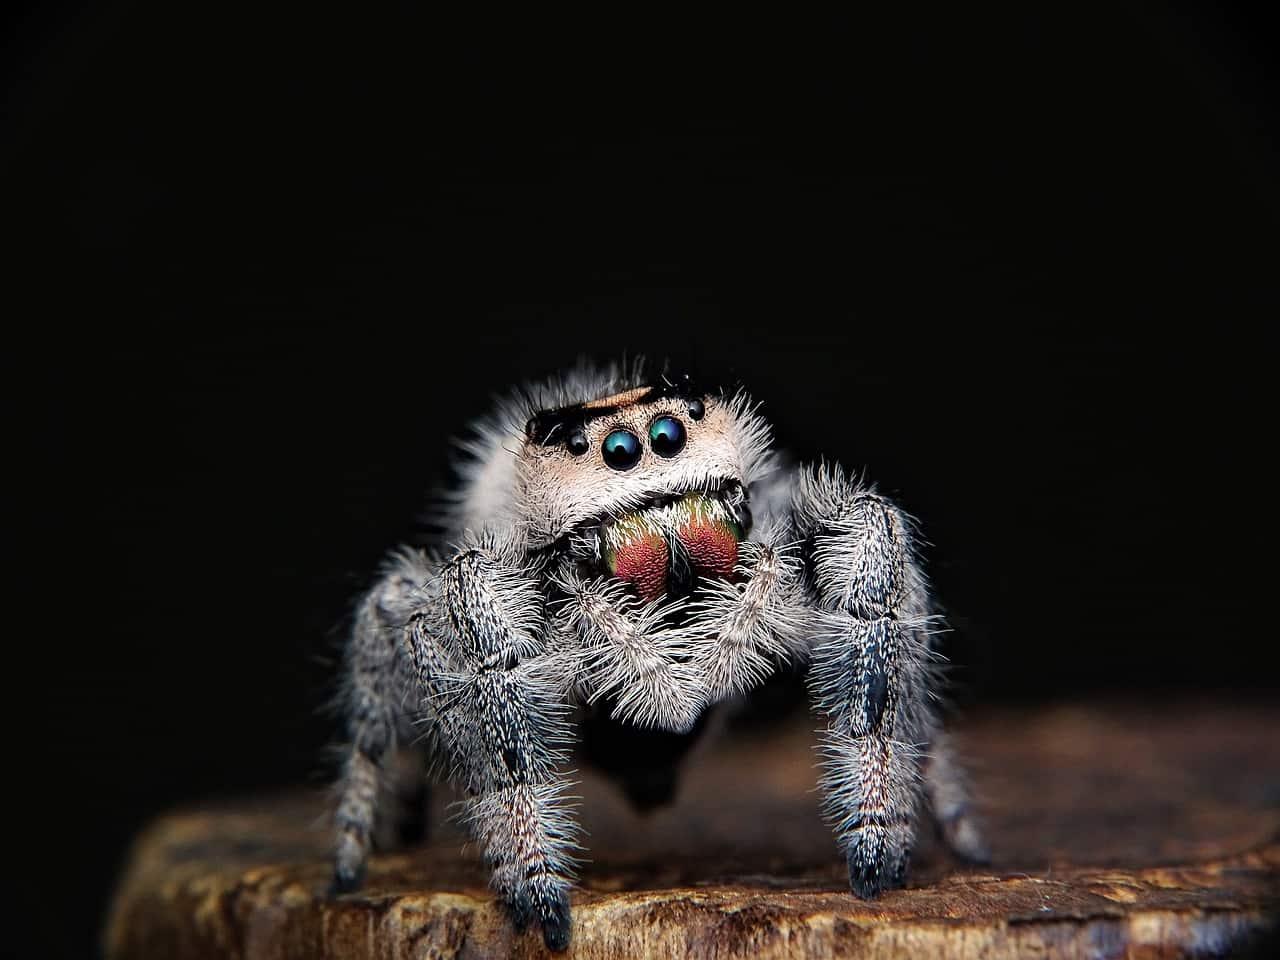 ujed pauka